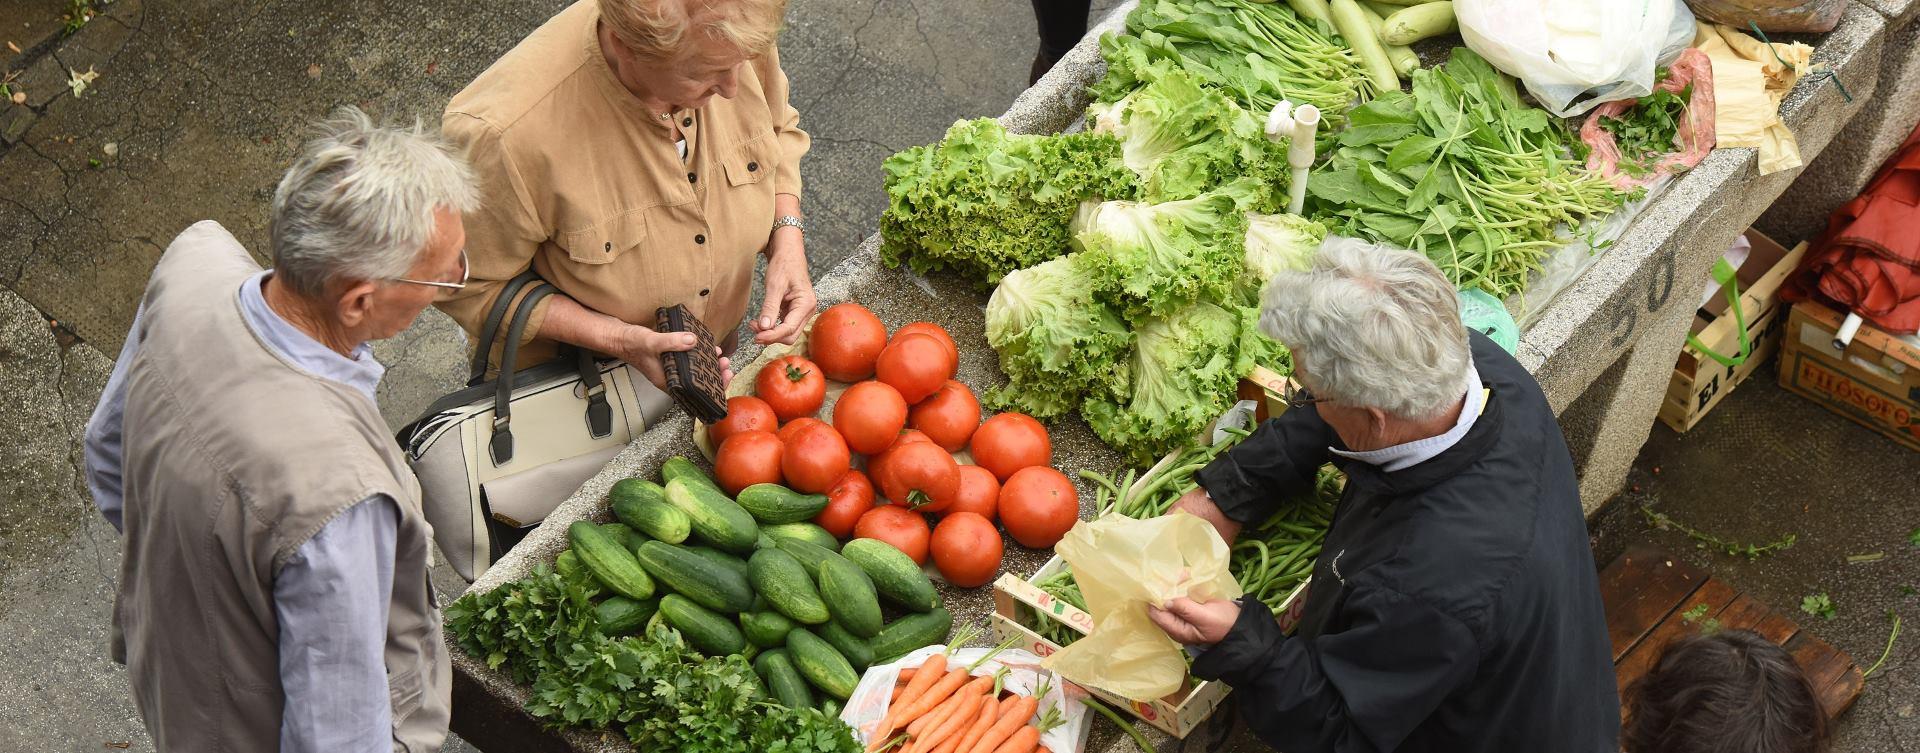 MISLITE O PREHRANI Kad bi svi ljudi bili vegetarijanci, svijet bi bio zdraviji, čišći i bogatiji